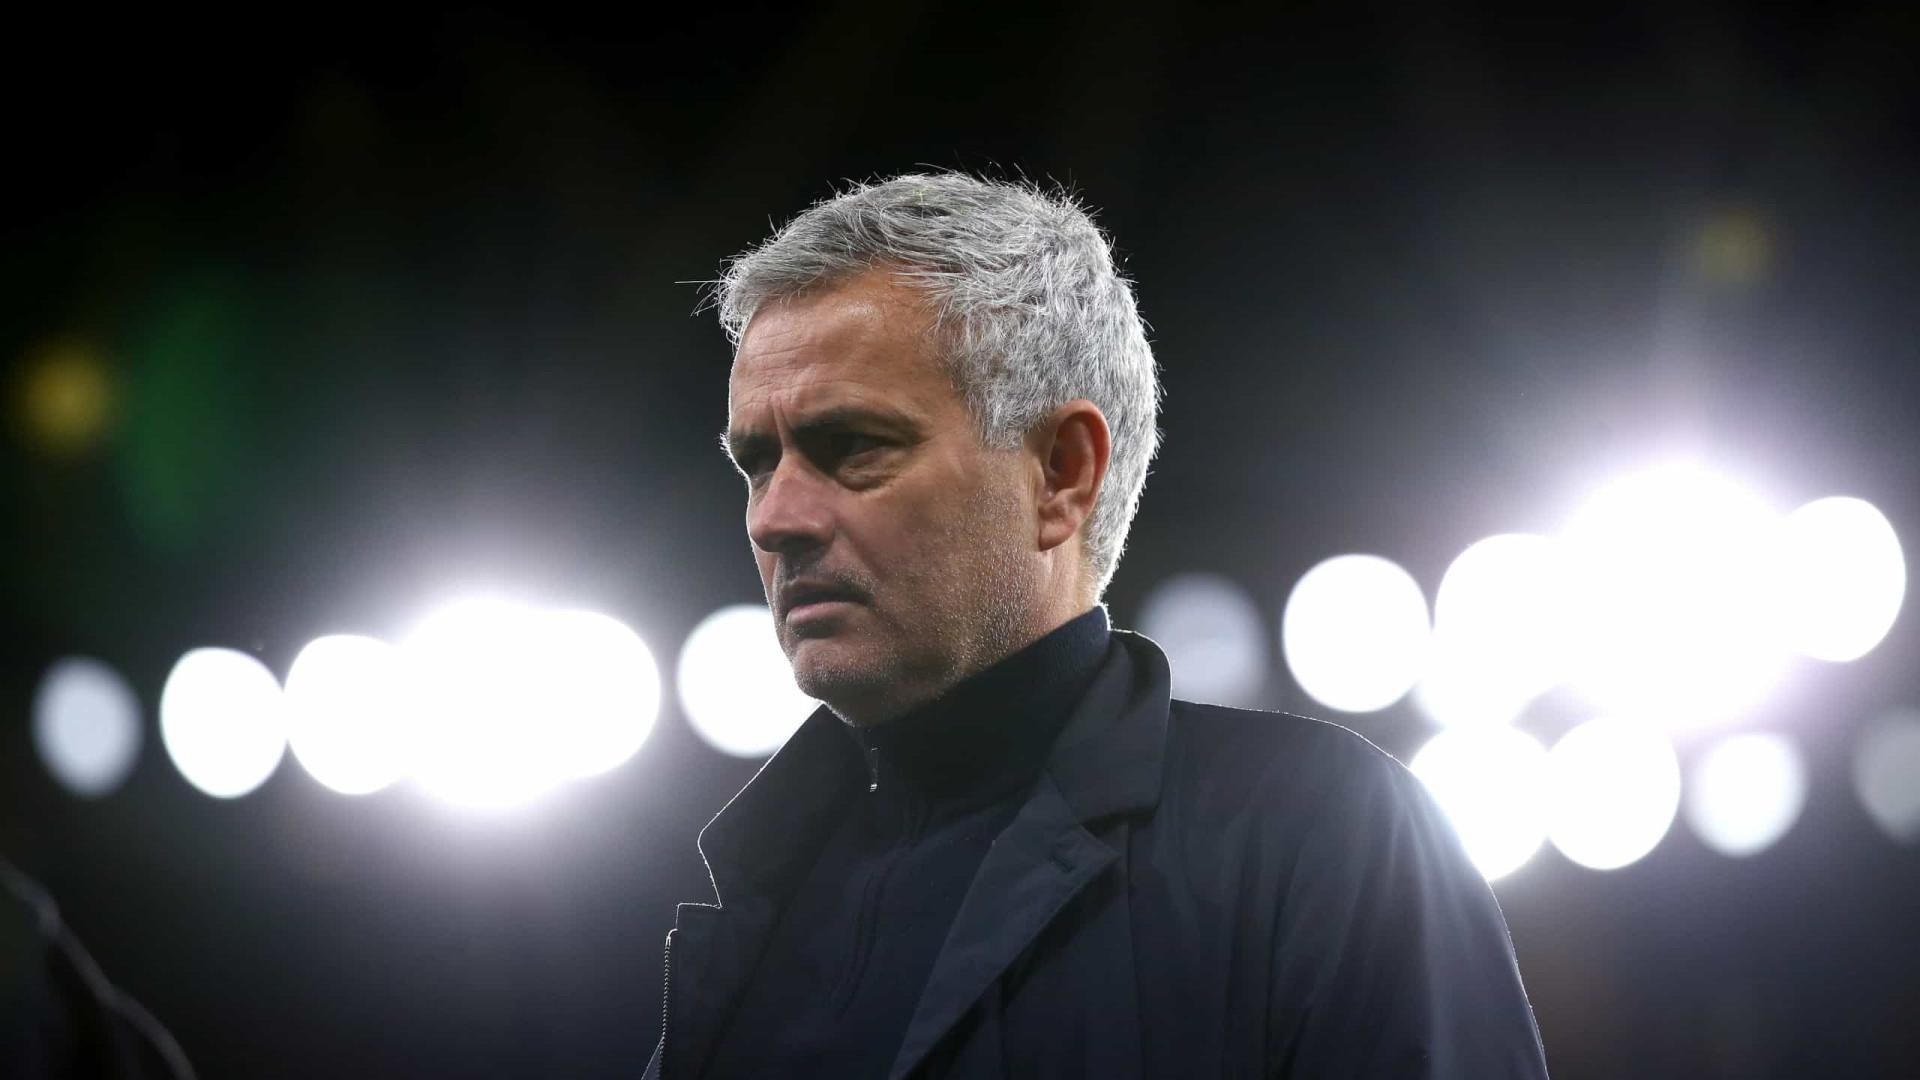 Após dispensar Paulo Fonseca, Roma anuncia contratação do português José Mourinho